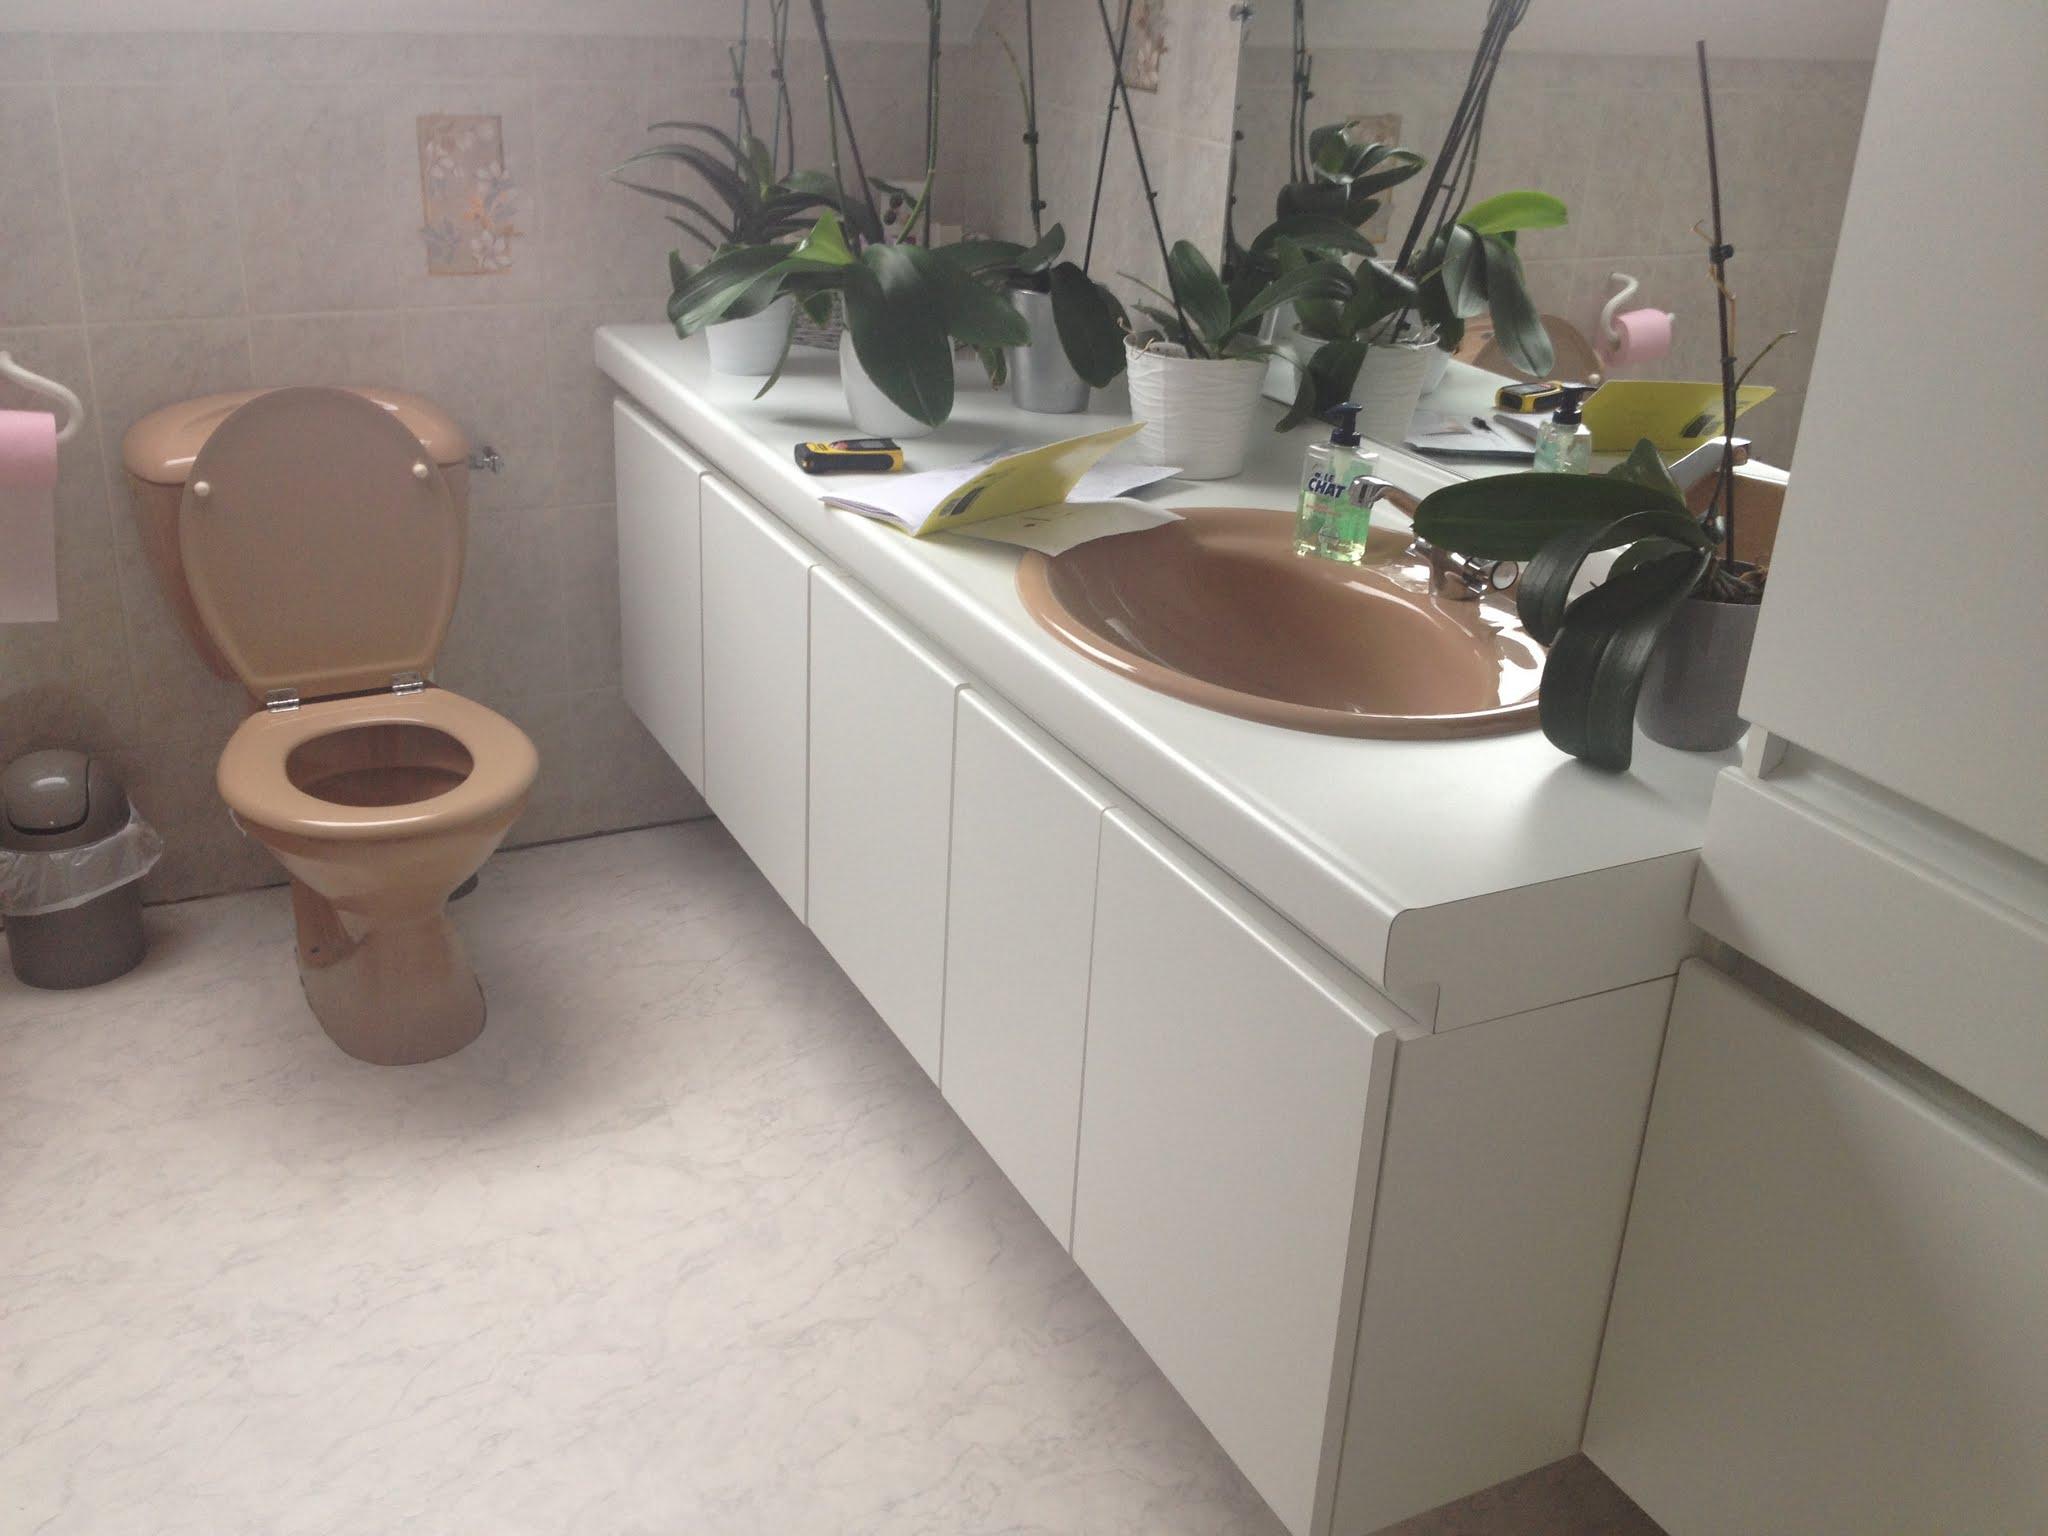 Rénovation d'une salle de bain avec l'ajout d'une douche   meuble ...